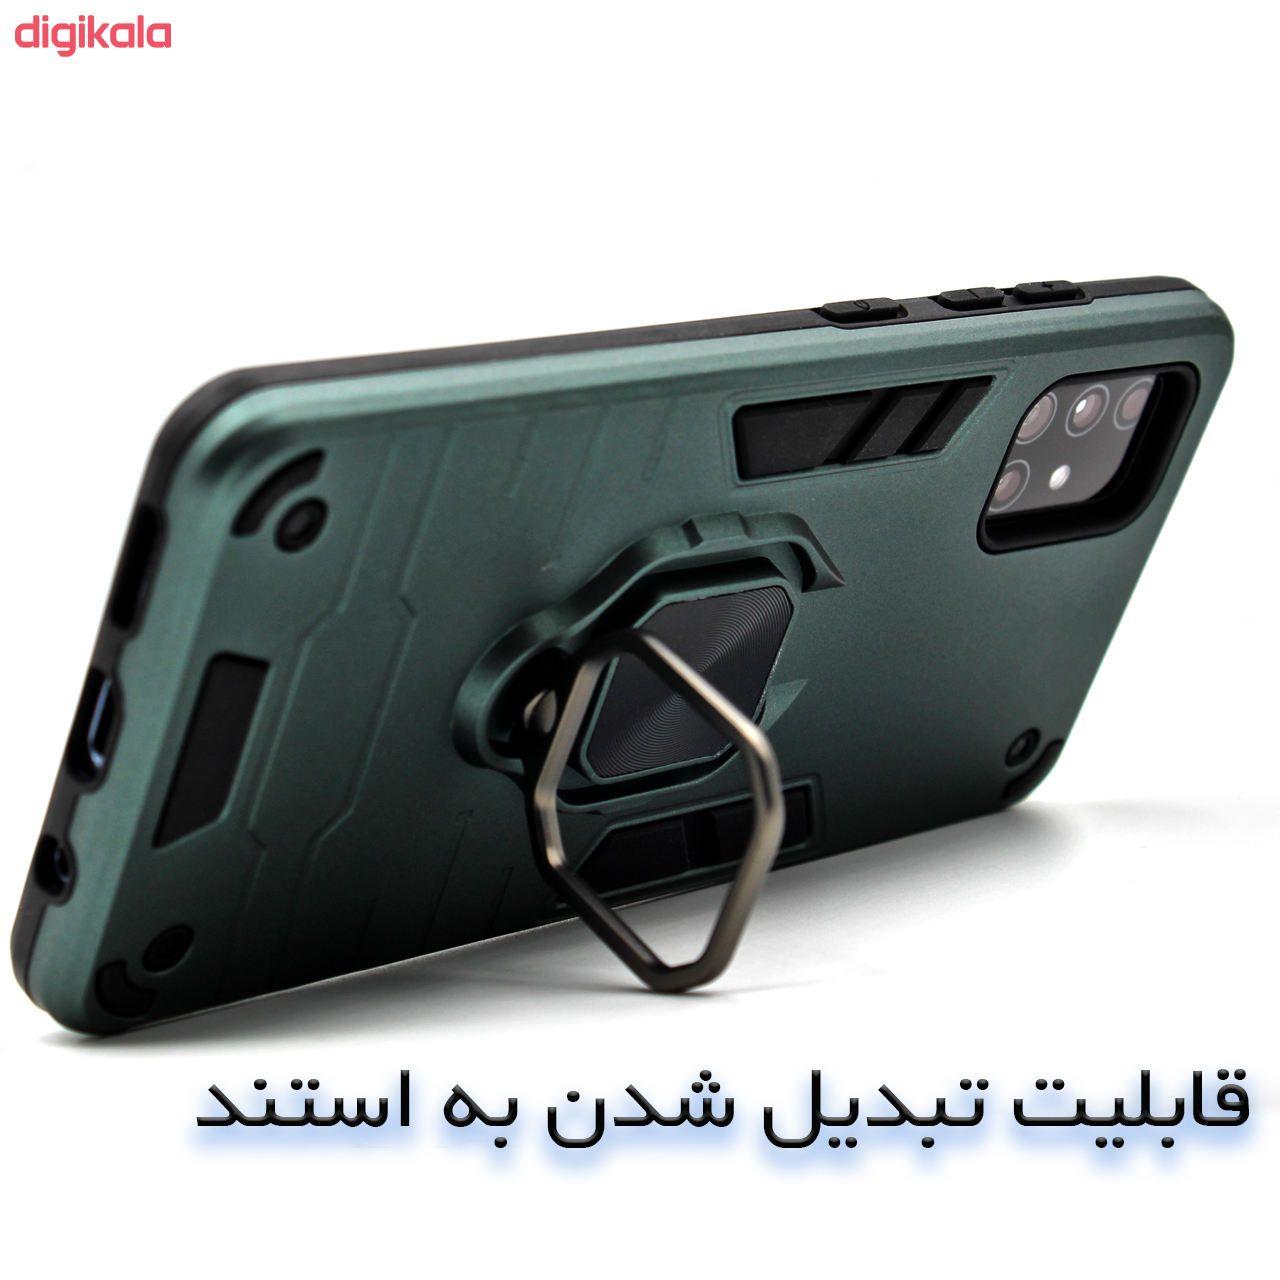 کاور کینگ پاور مدل ASH22 مناسب برای گوشی موبایل سامسونگ Galaxy A31 main 1 3